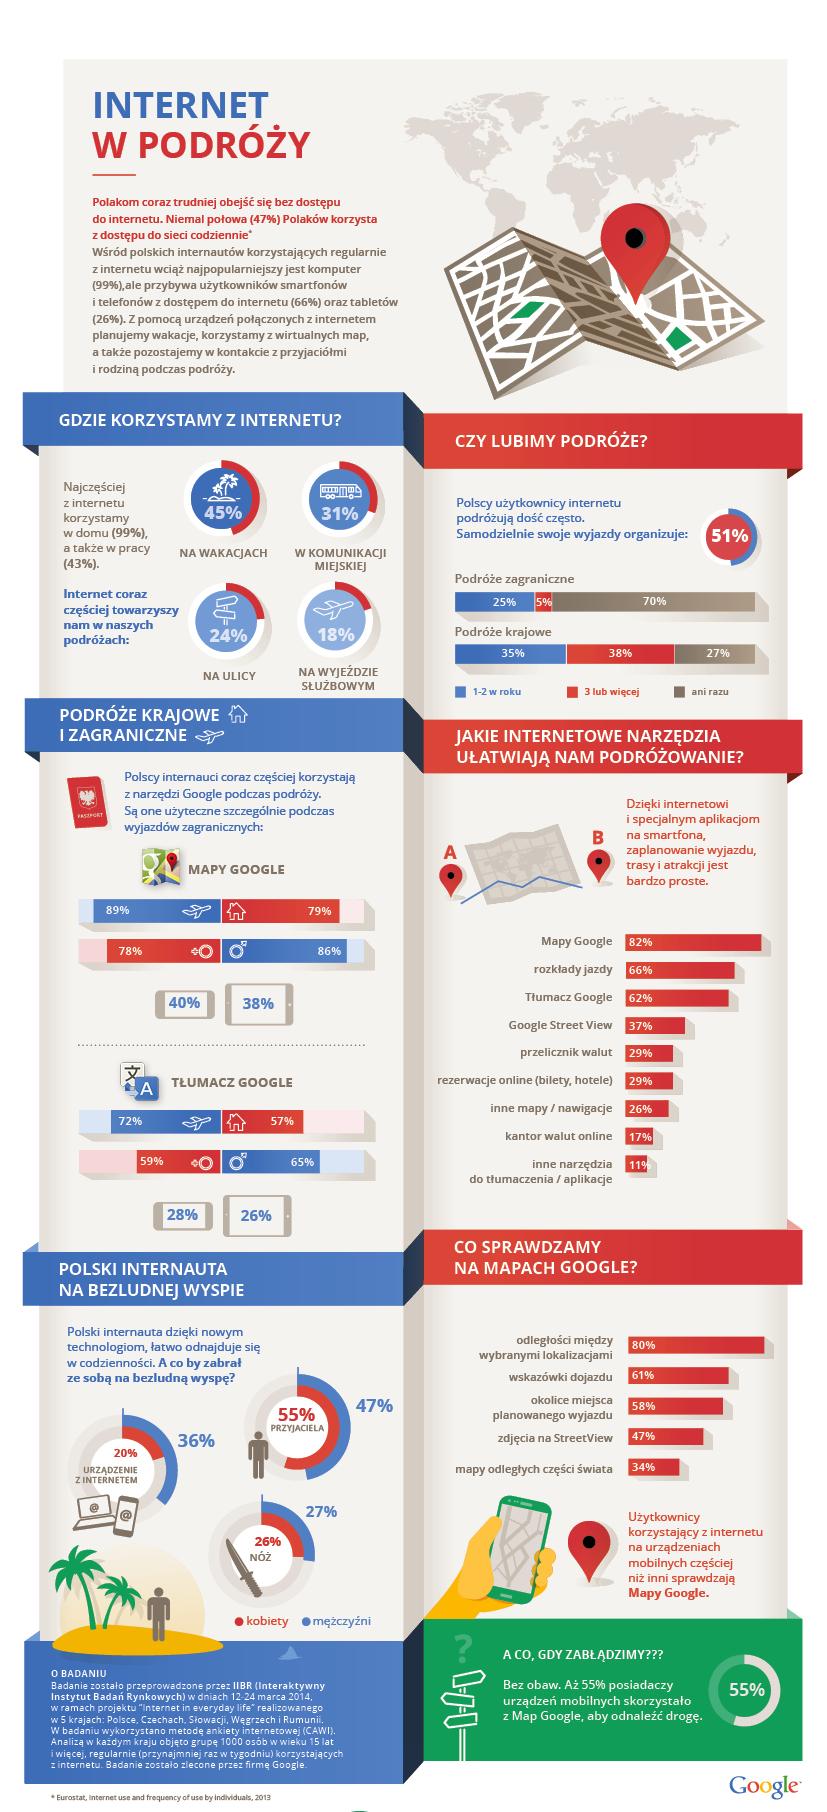 Badanie Google_Infografika_Internet w podrozy